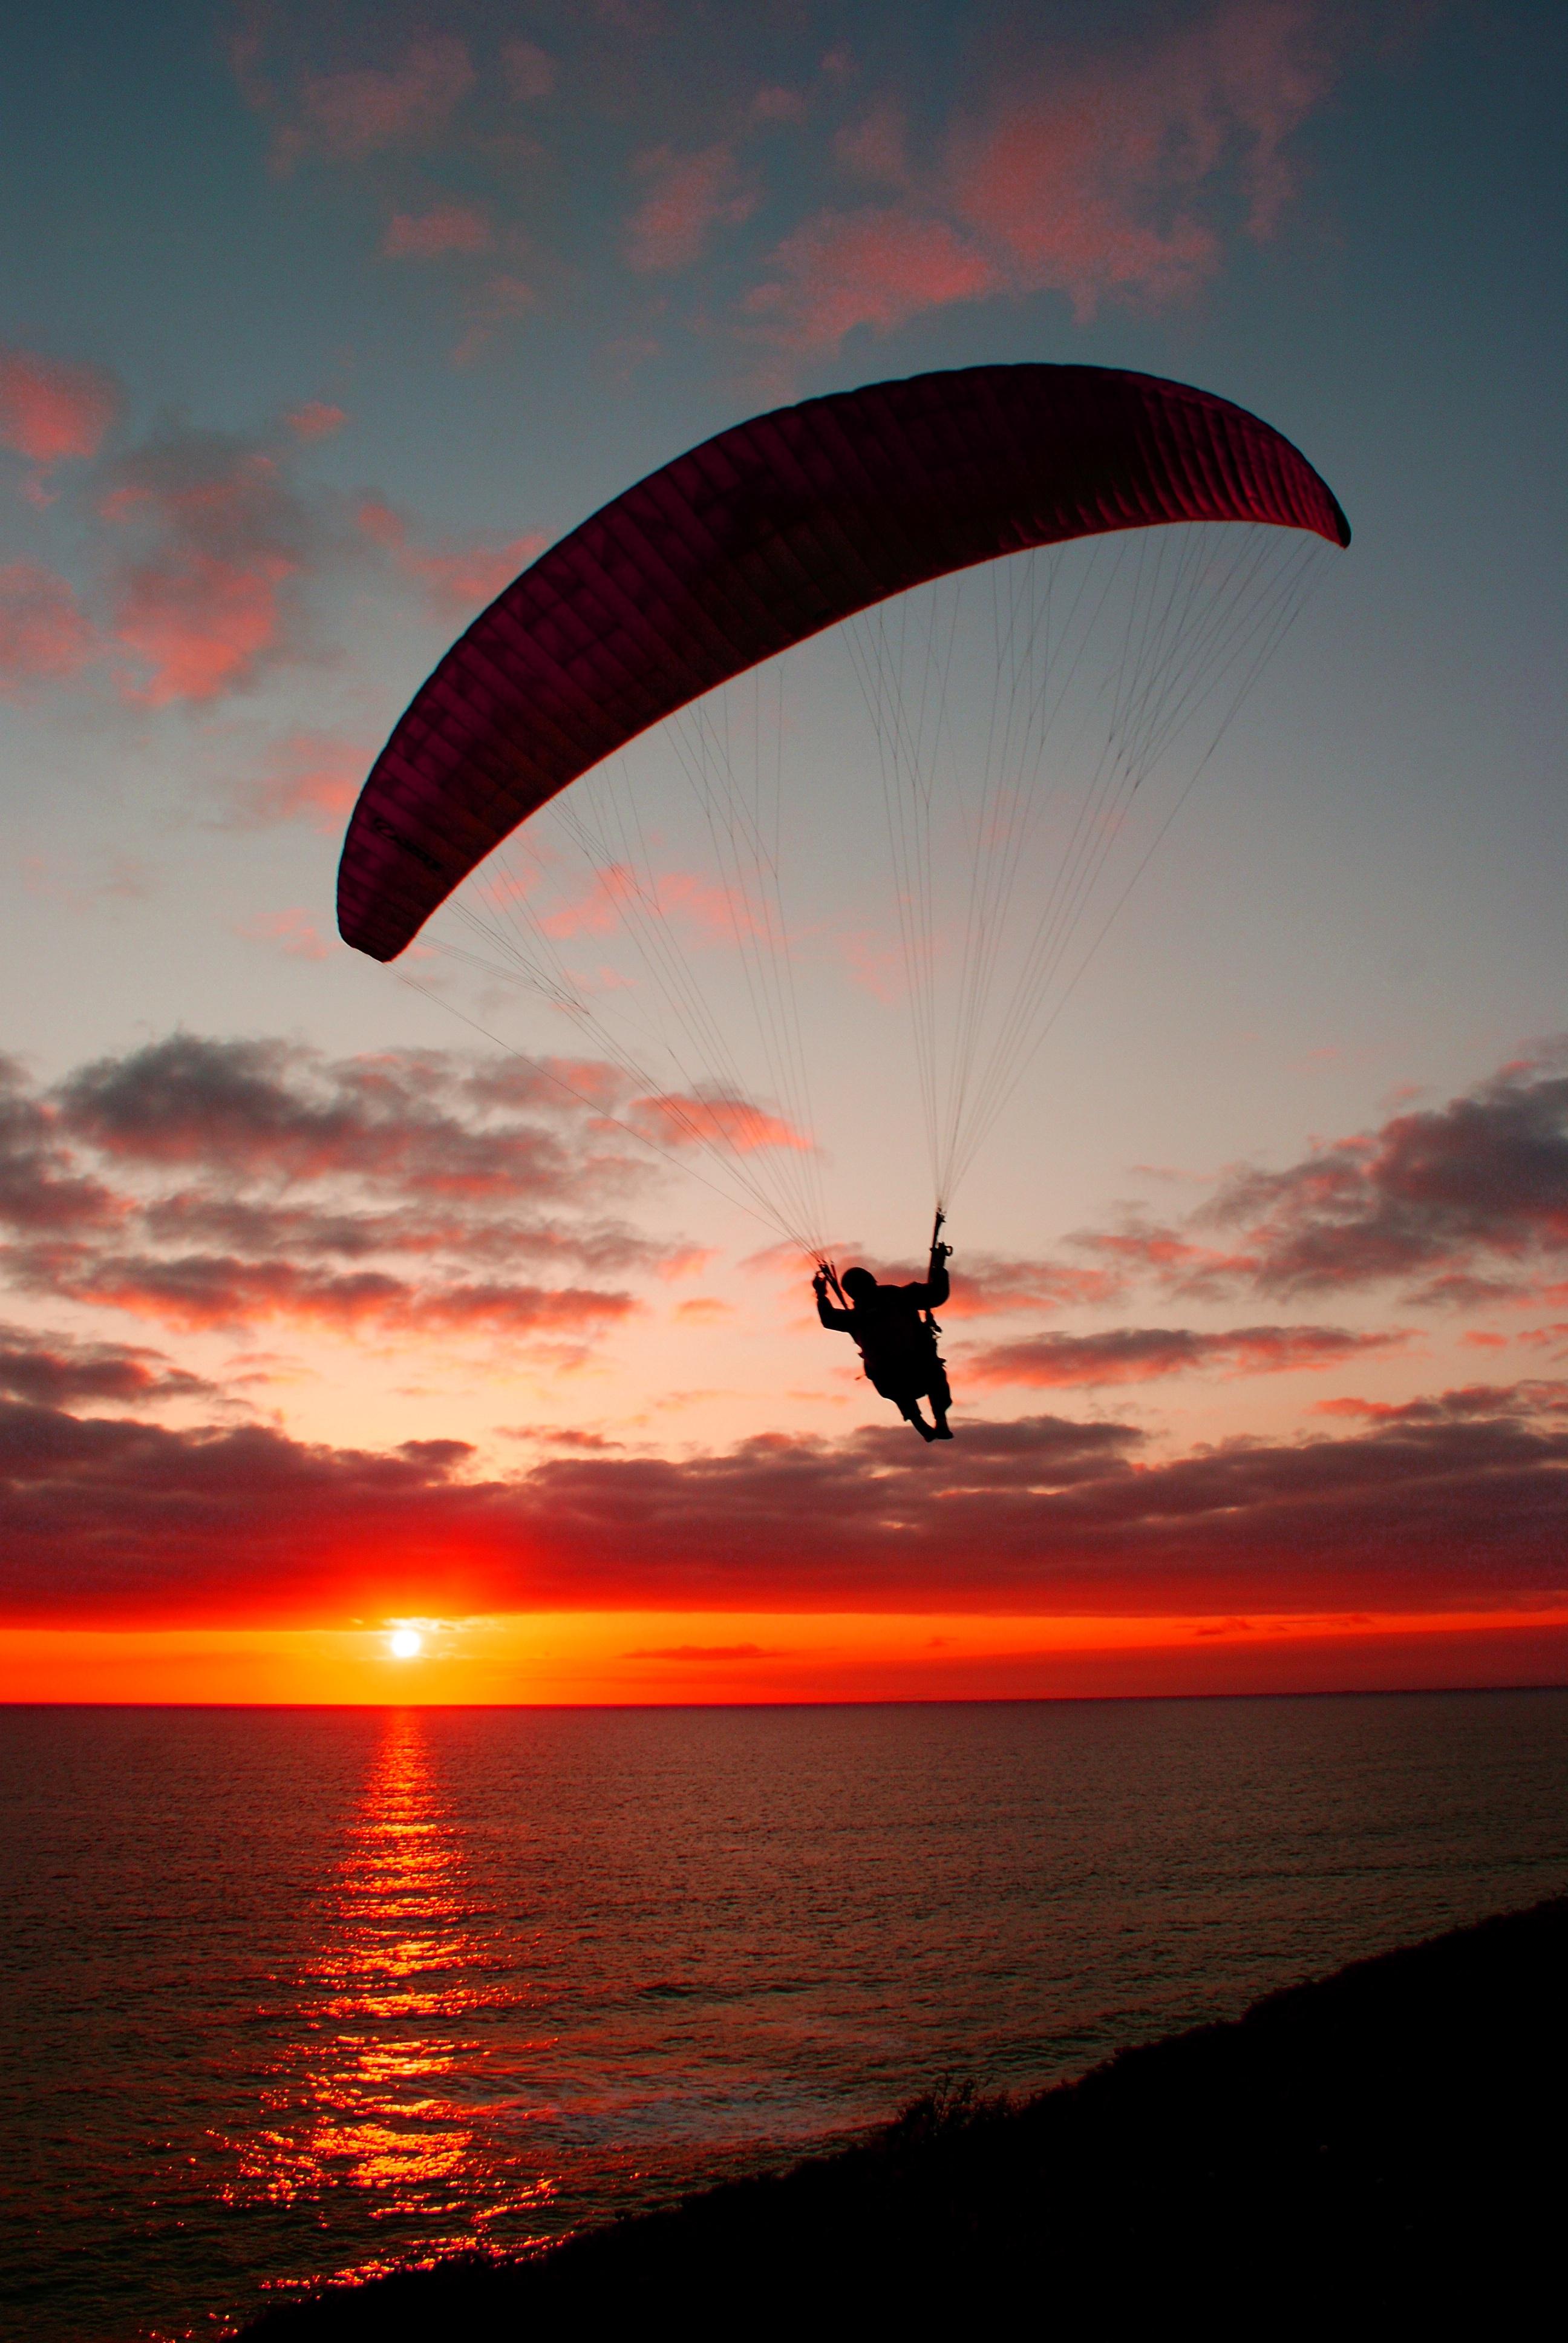 sunset paragliding by kloetpatra